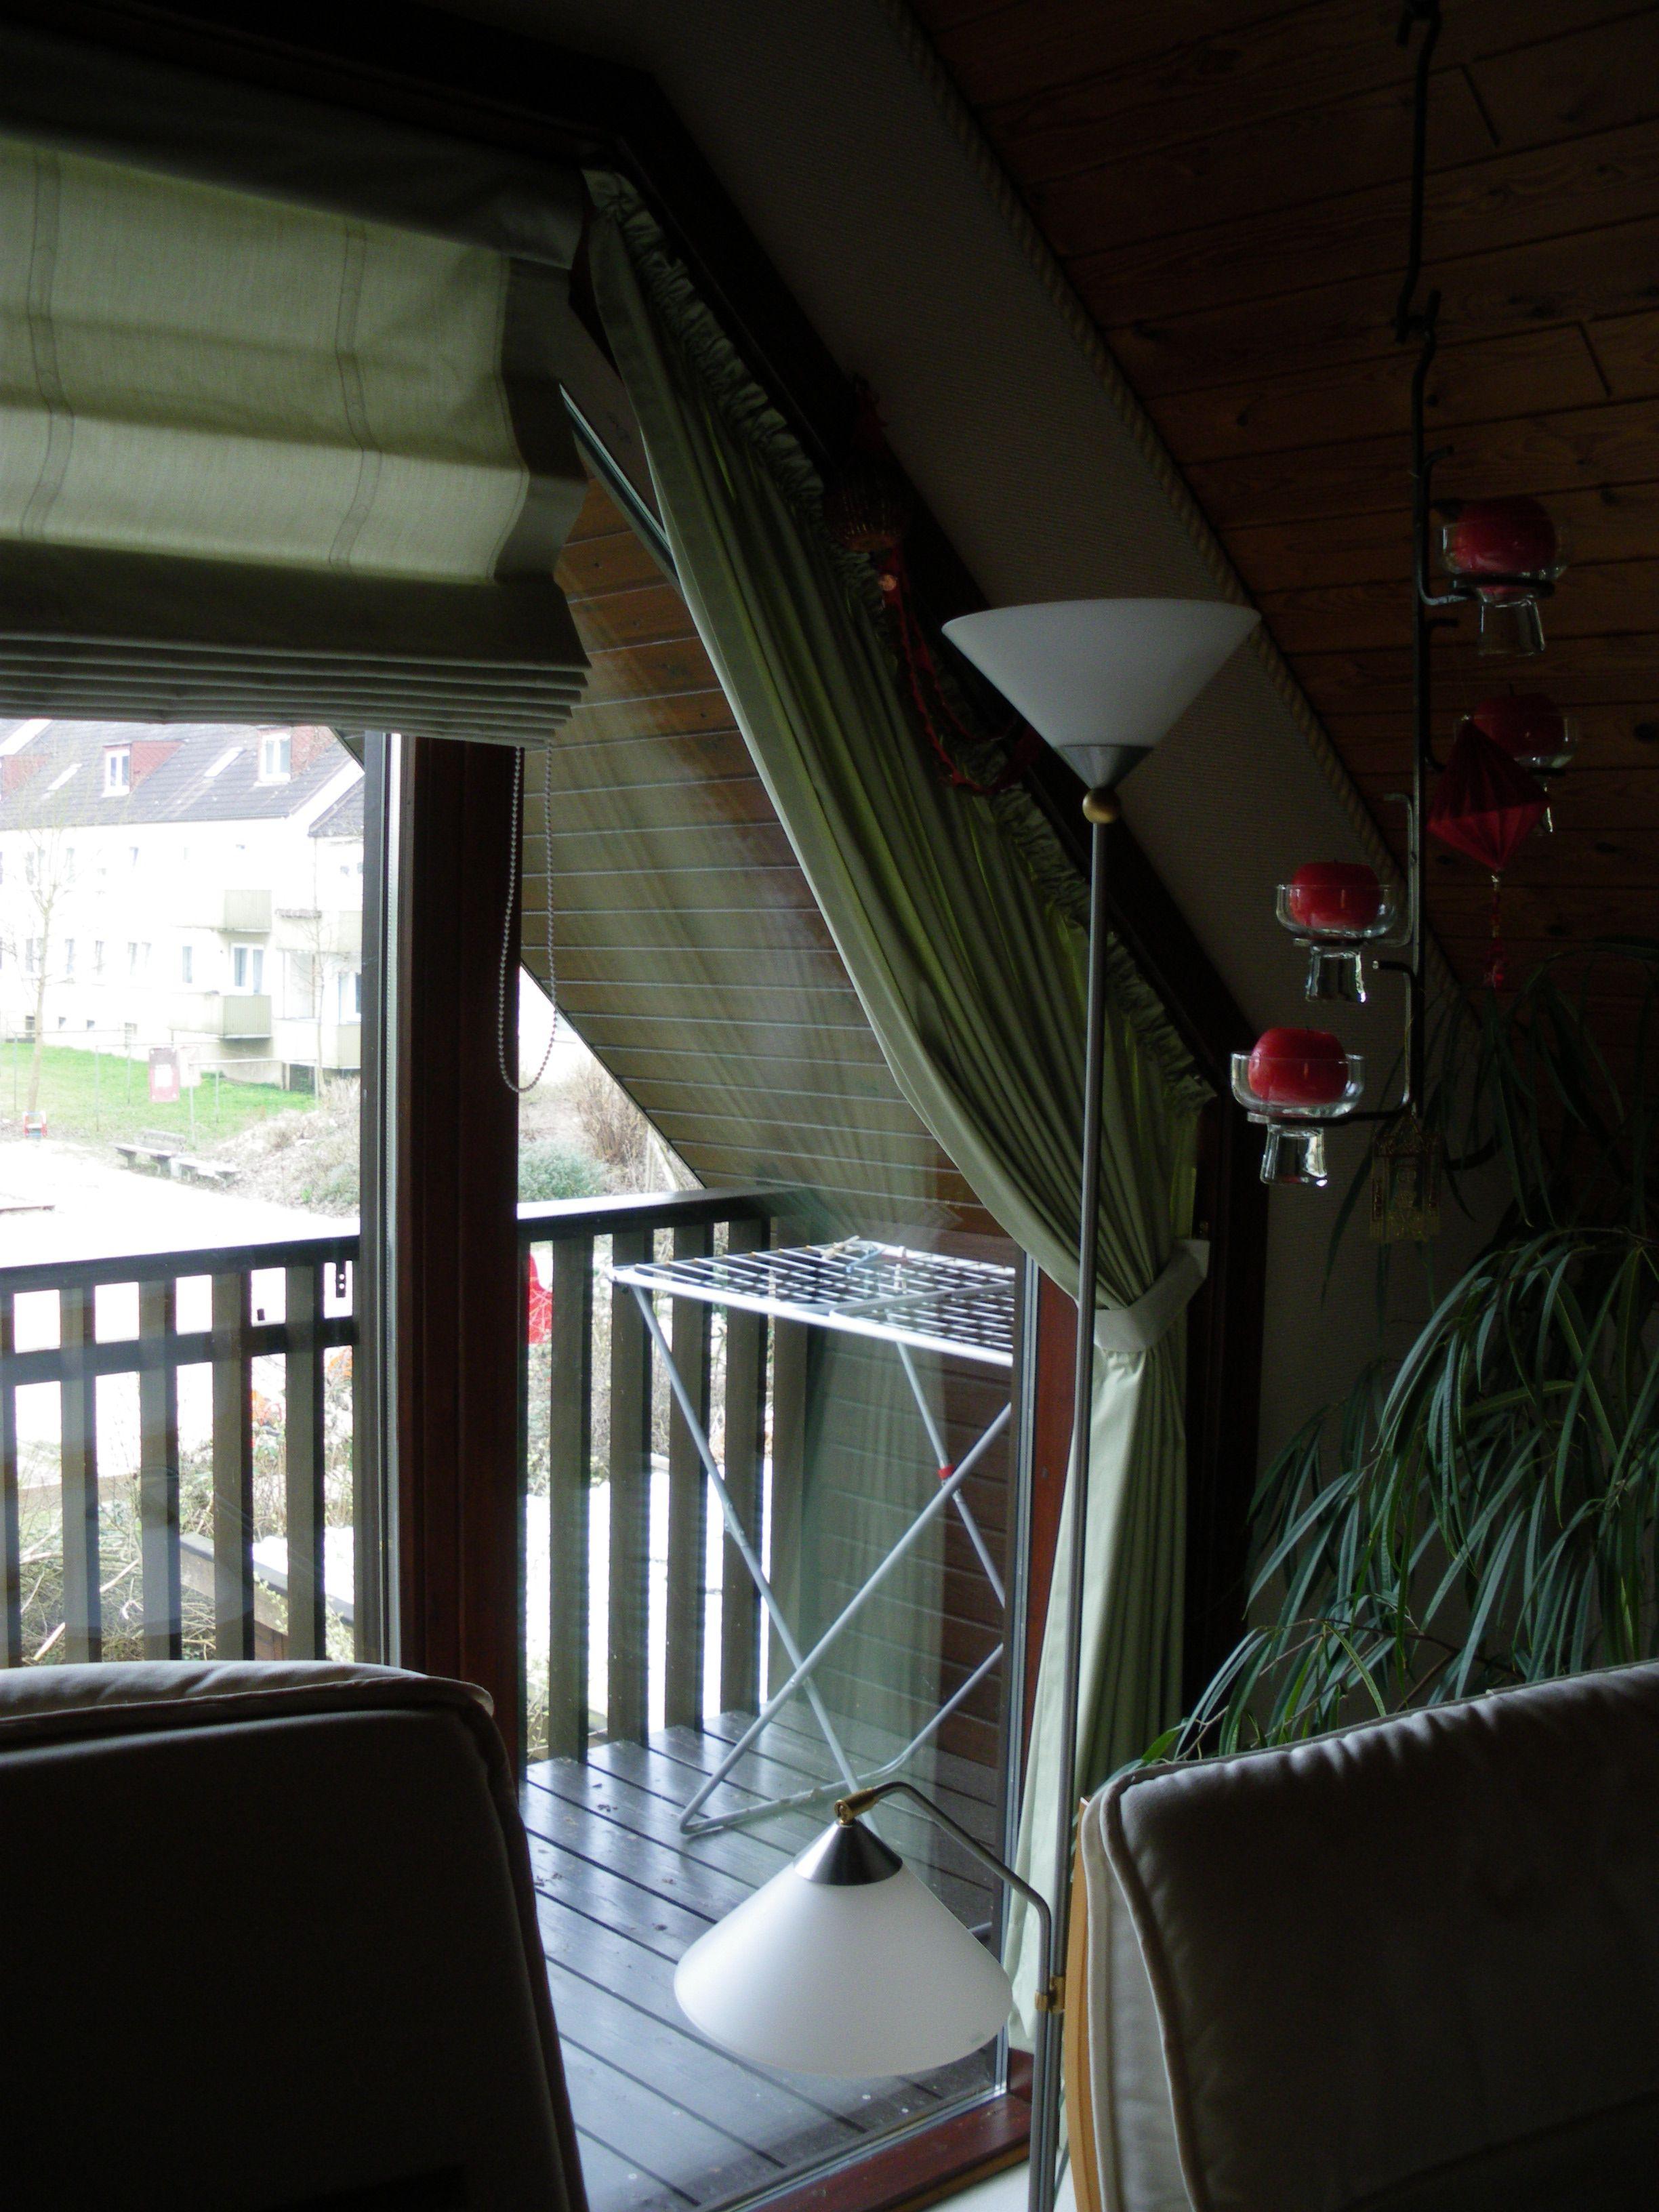 Dekoration #Dekorateur Schräges #Fenster #Ecklösung #Fensterlösung  #Raumidee #Einrichtungsidee #nähennachmass #Raffrollosystem #Kettenzug  #Dekorationsstoff ...